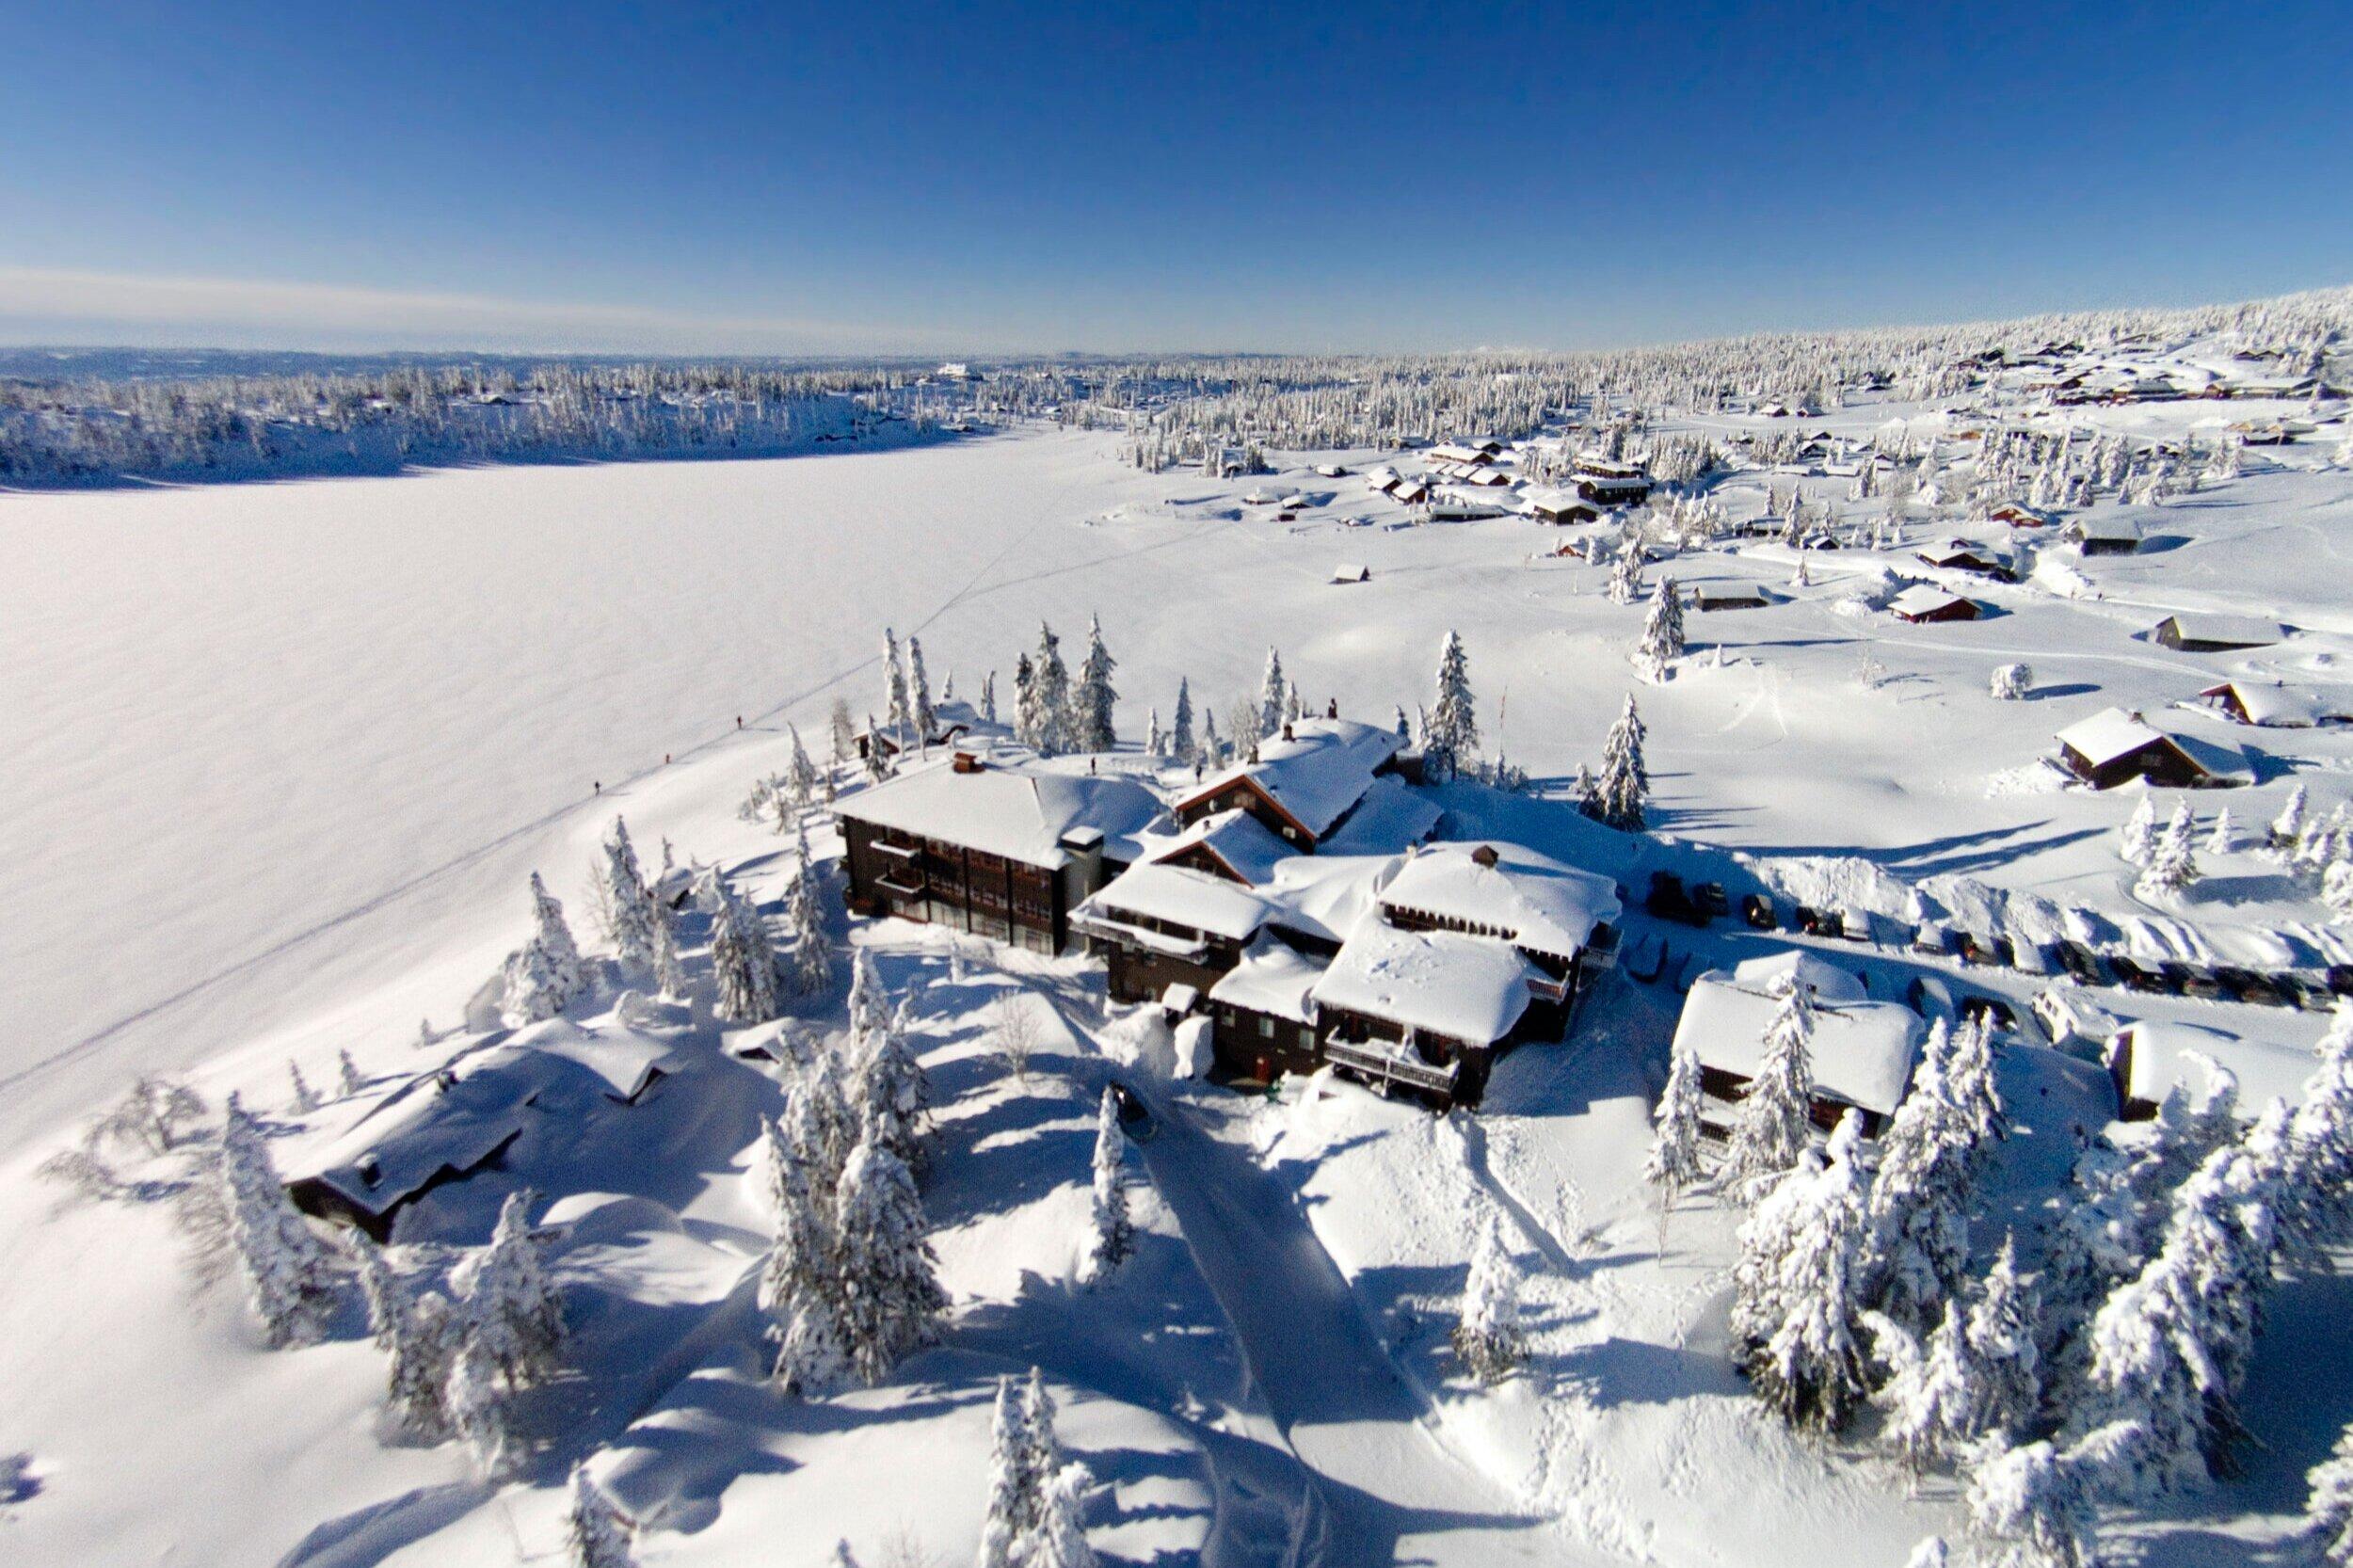 Rustad+Hotell+og+Fjellstue+Sjusj%C3%B8en